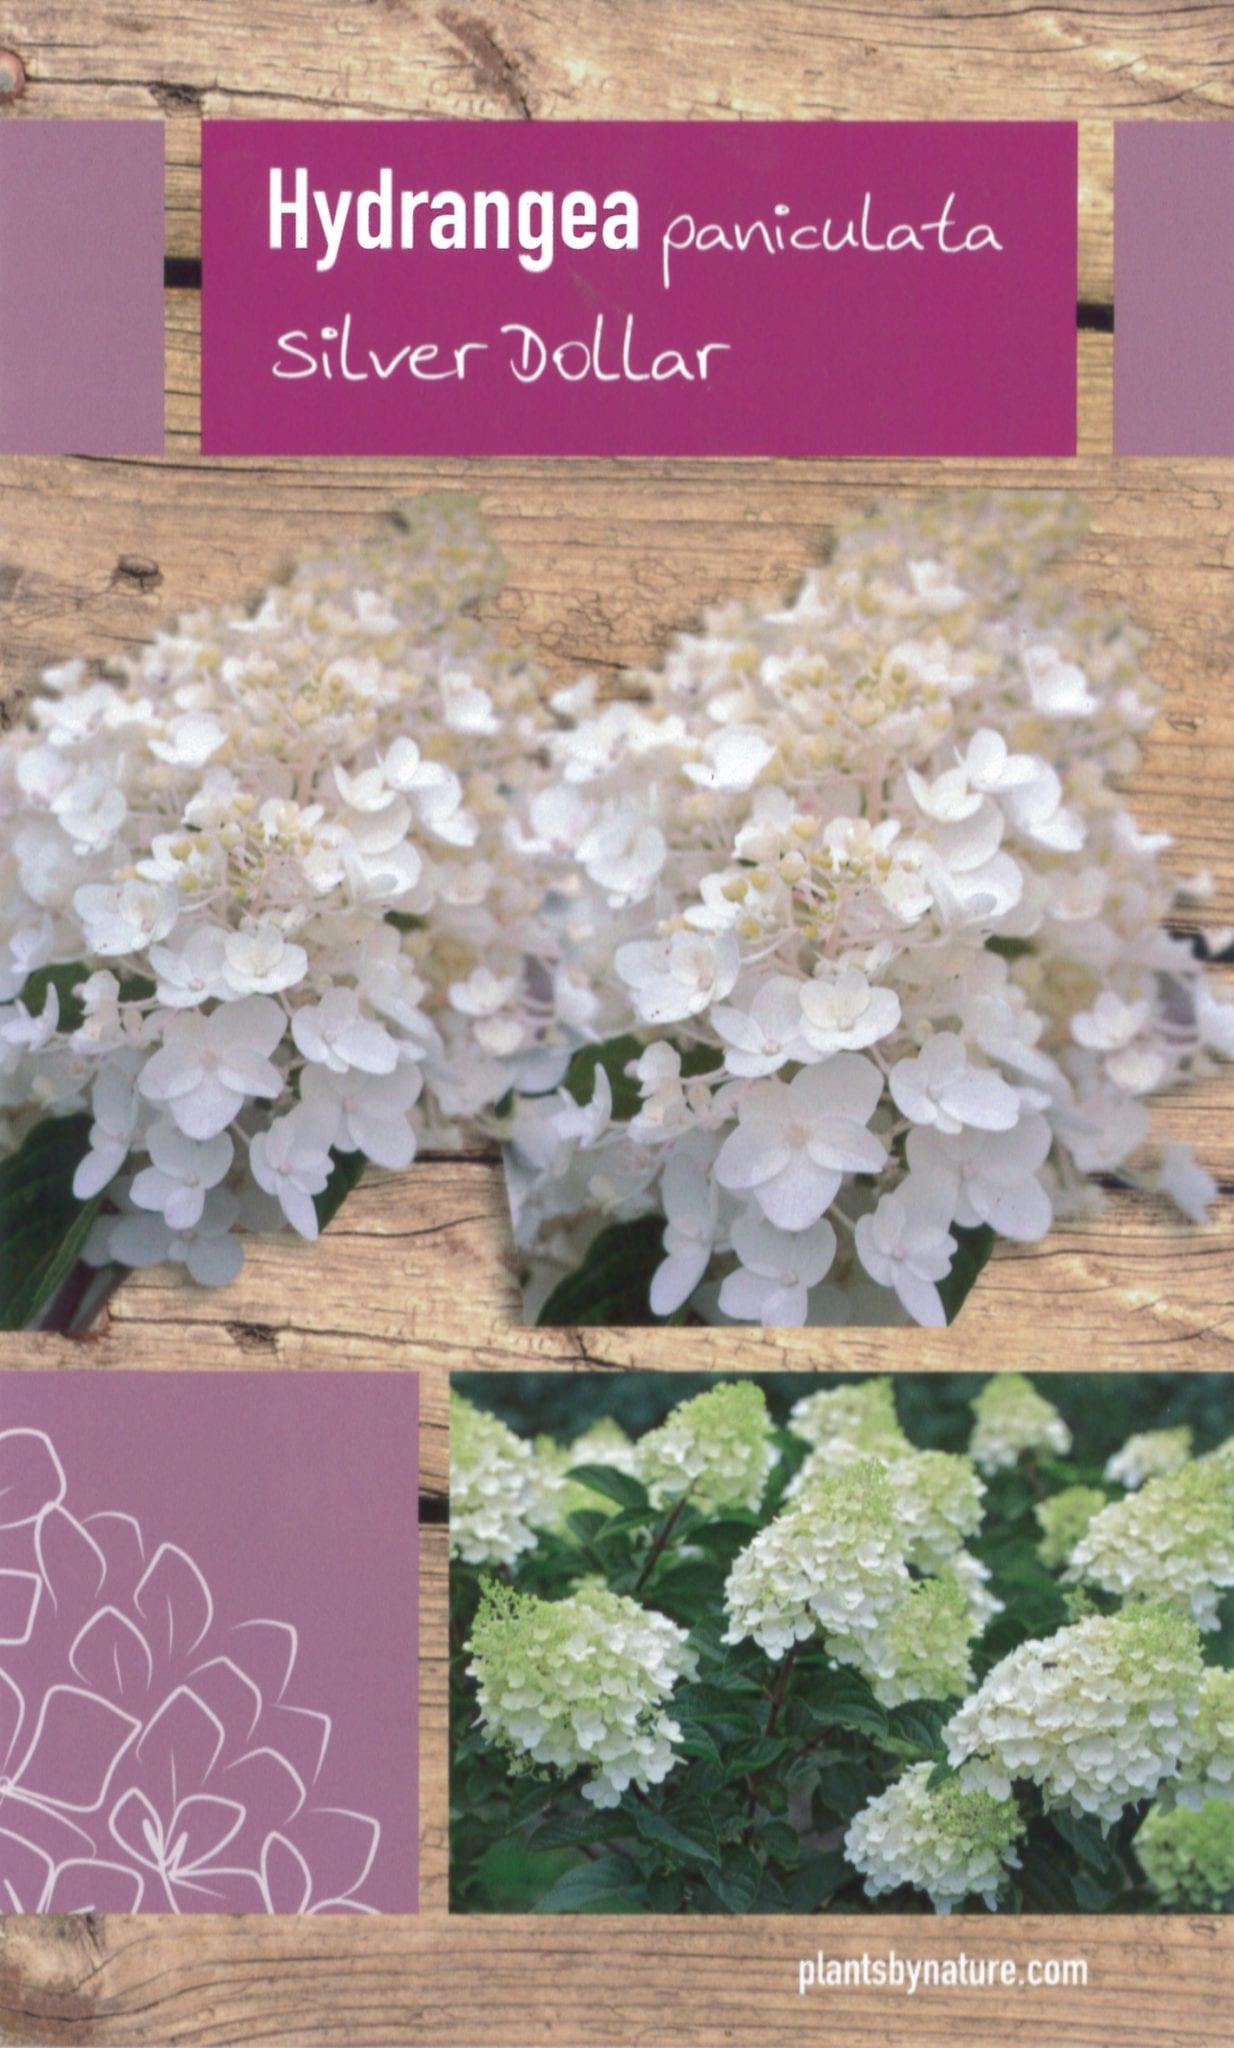 De Hydrangea paniculata 'Silver Dollar' etiket voorzijde | Plants By Nature - gespecialiseerd in hydrangea